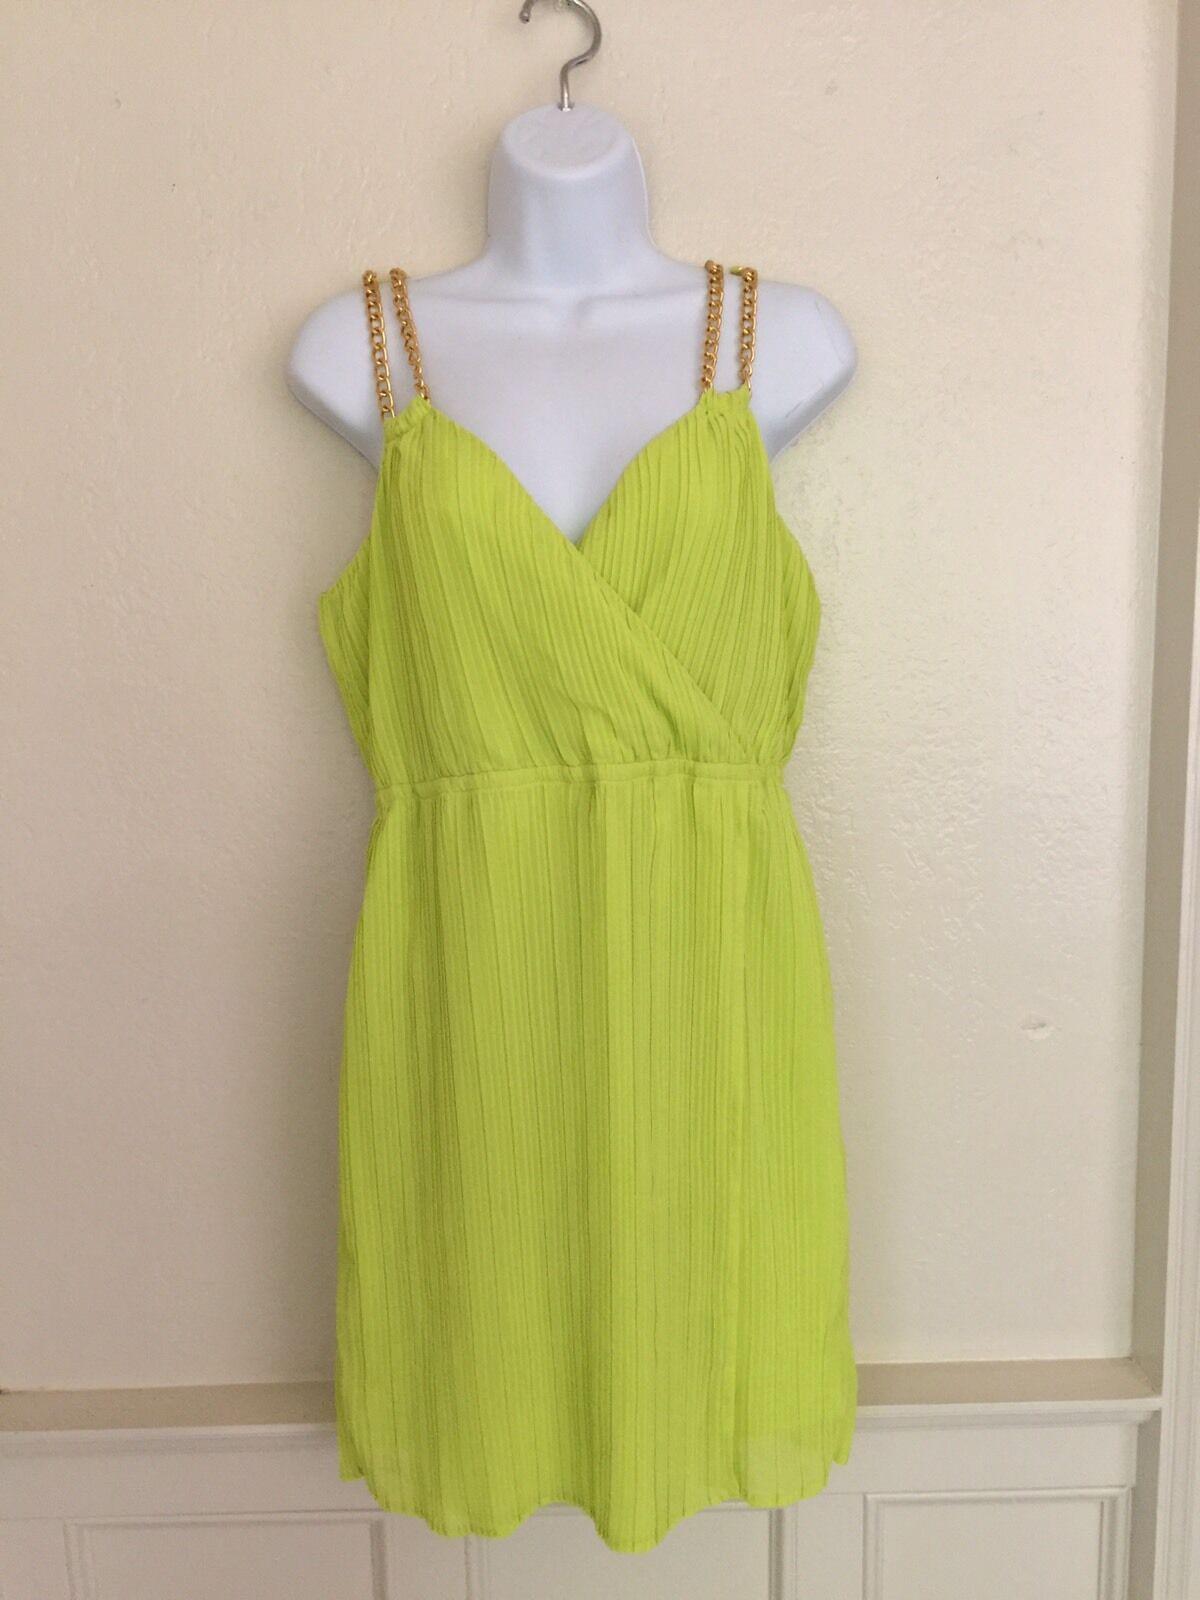 Thalia Sodi Chain- strap Pleated Surplice Dress Size M